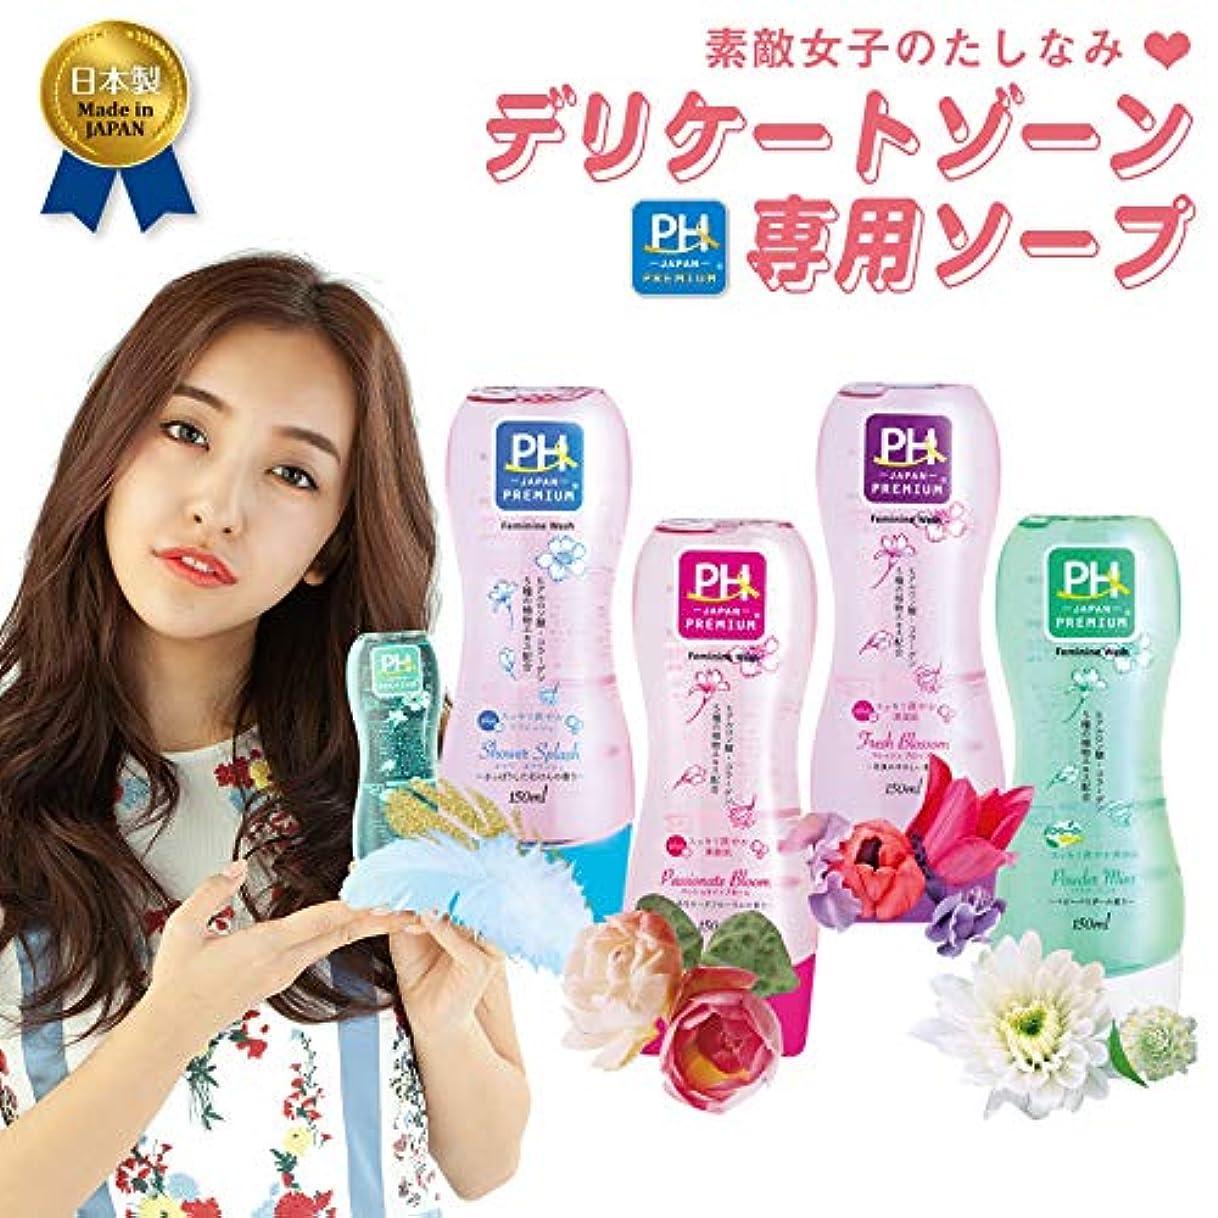 関数電話混雑フレッシュブロッソム4本セット PH JAPAN フェミニンウォッシュ 花束のやさしい香り